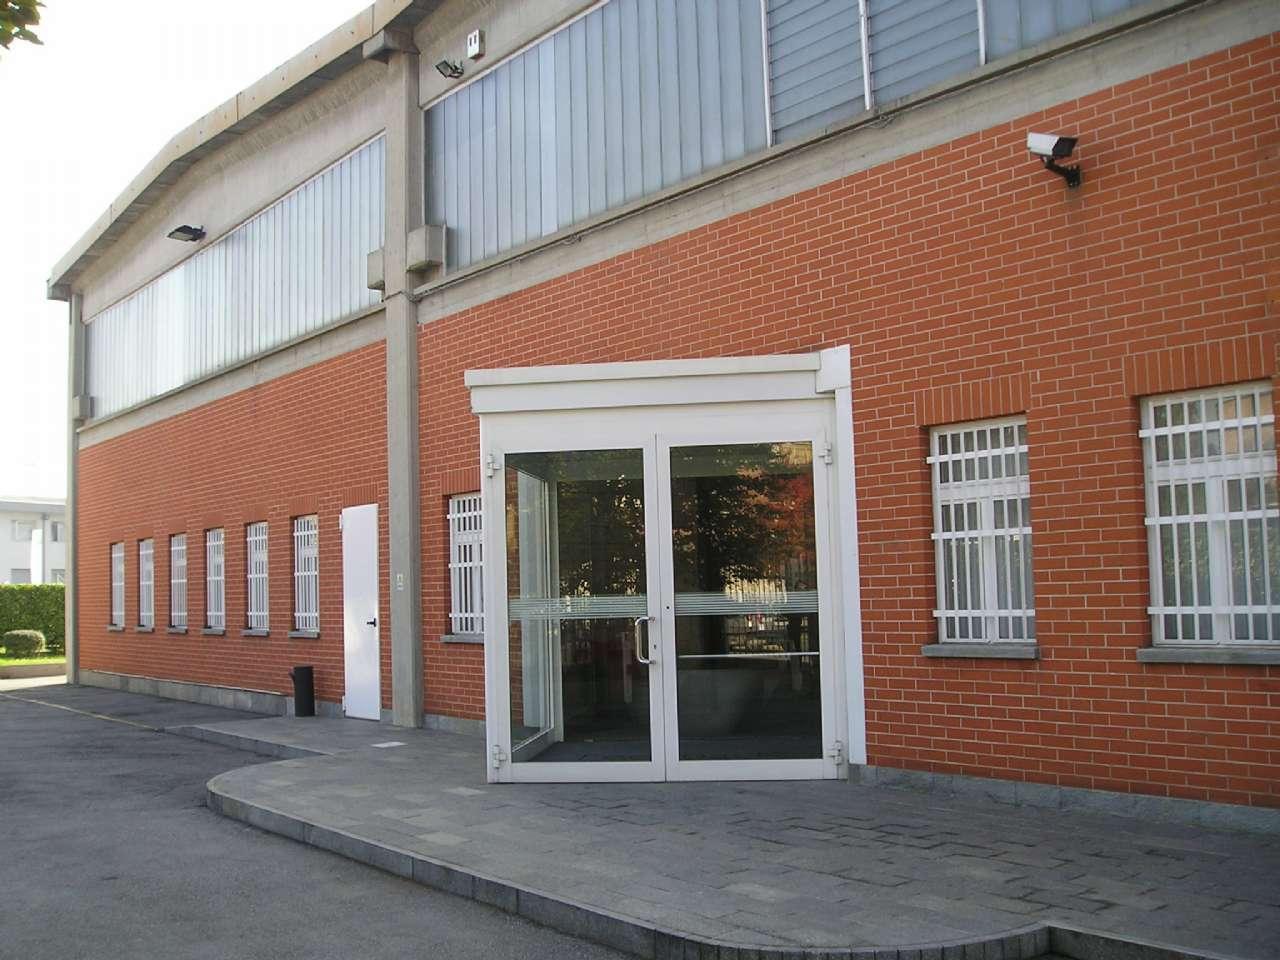 Ufficio / Studio in vendita a Moncalieri, 9999 locali, Trattative riservate | CambioCasa.it